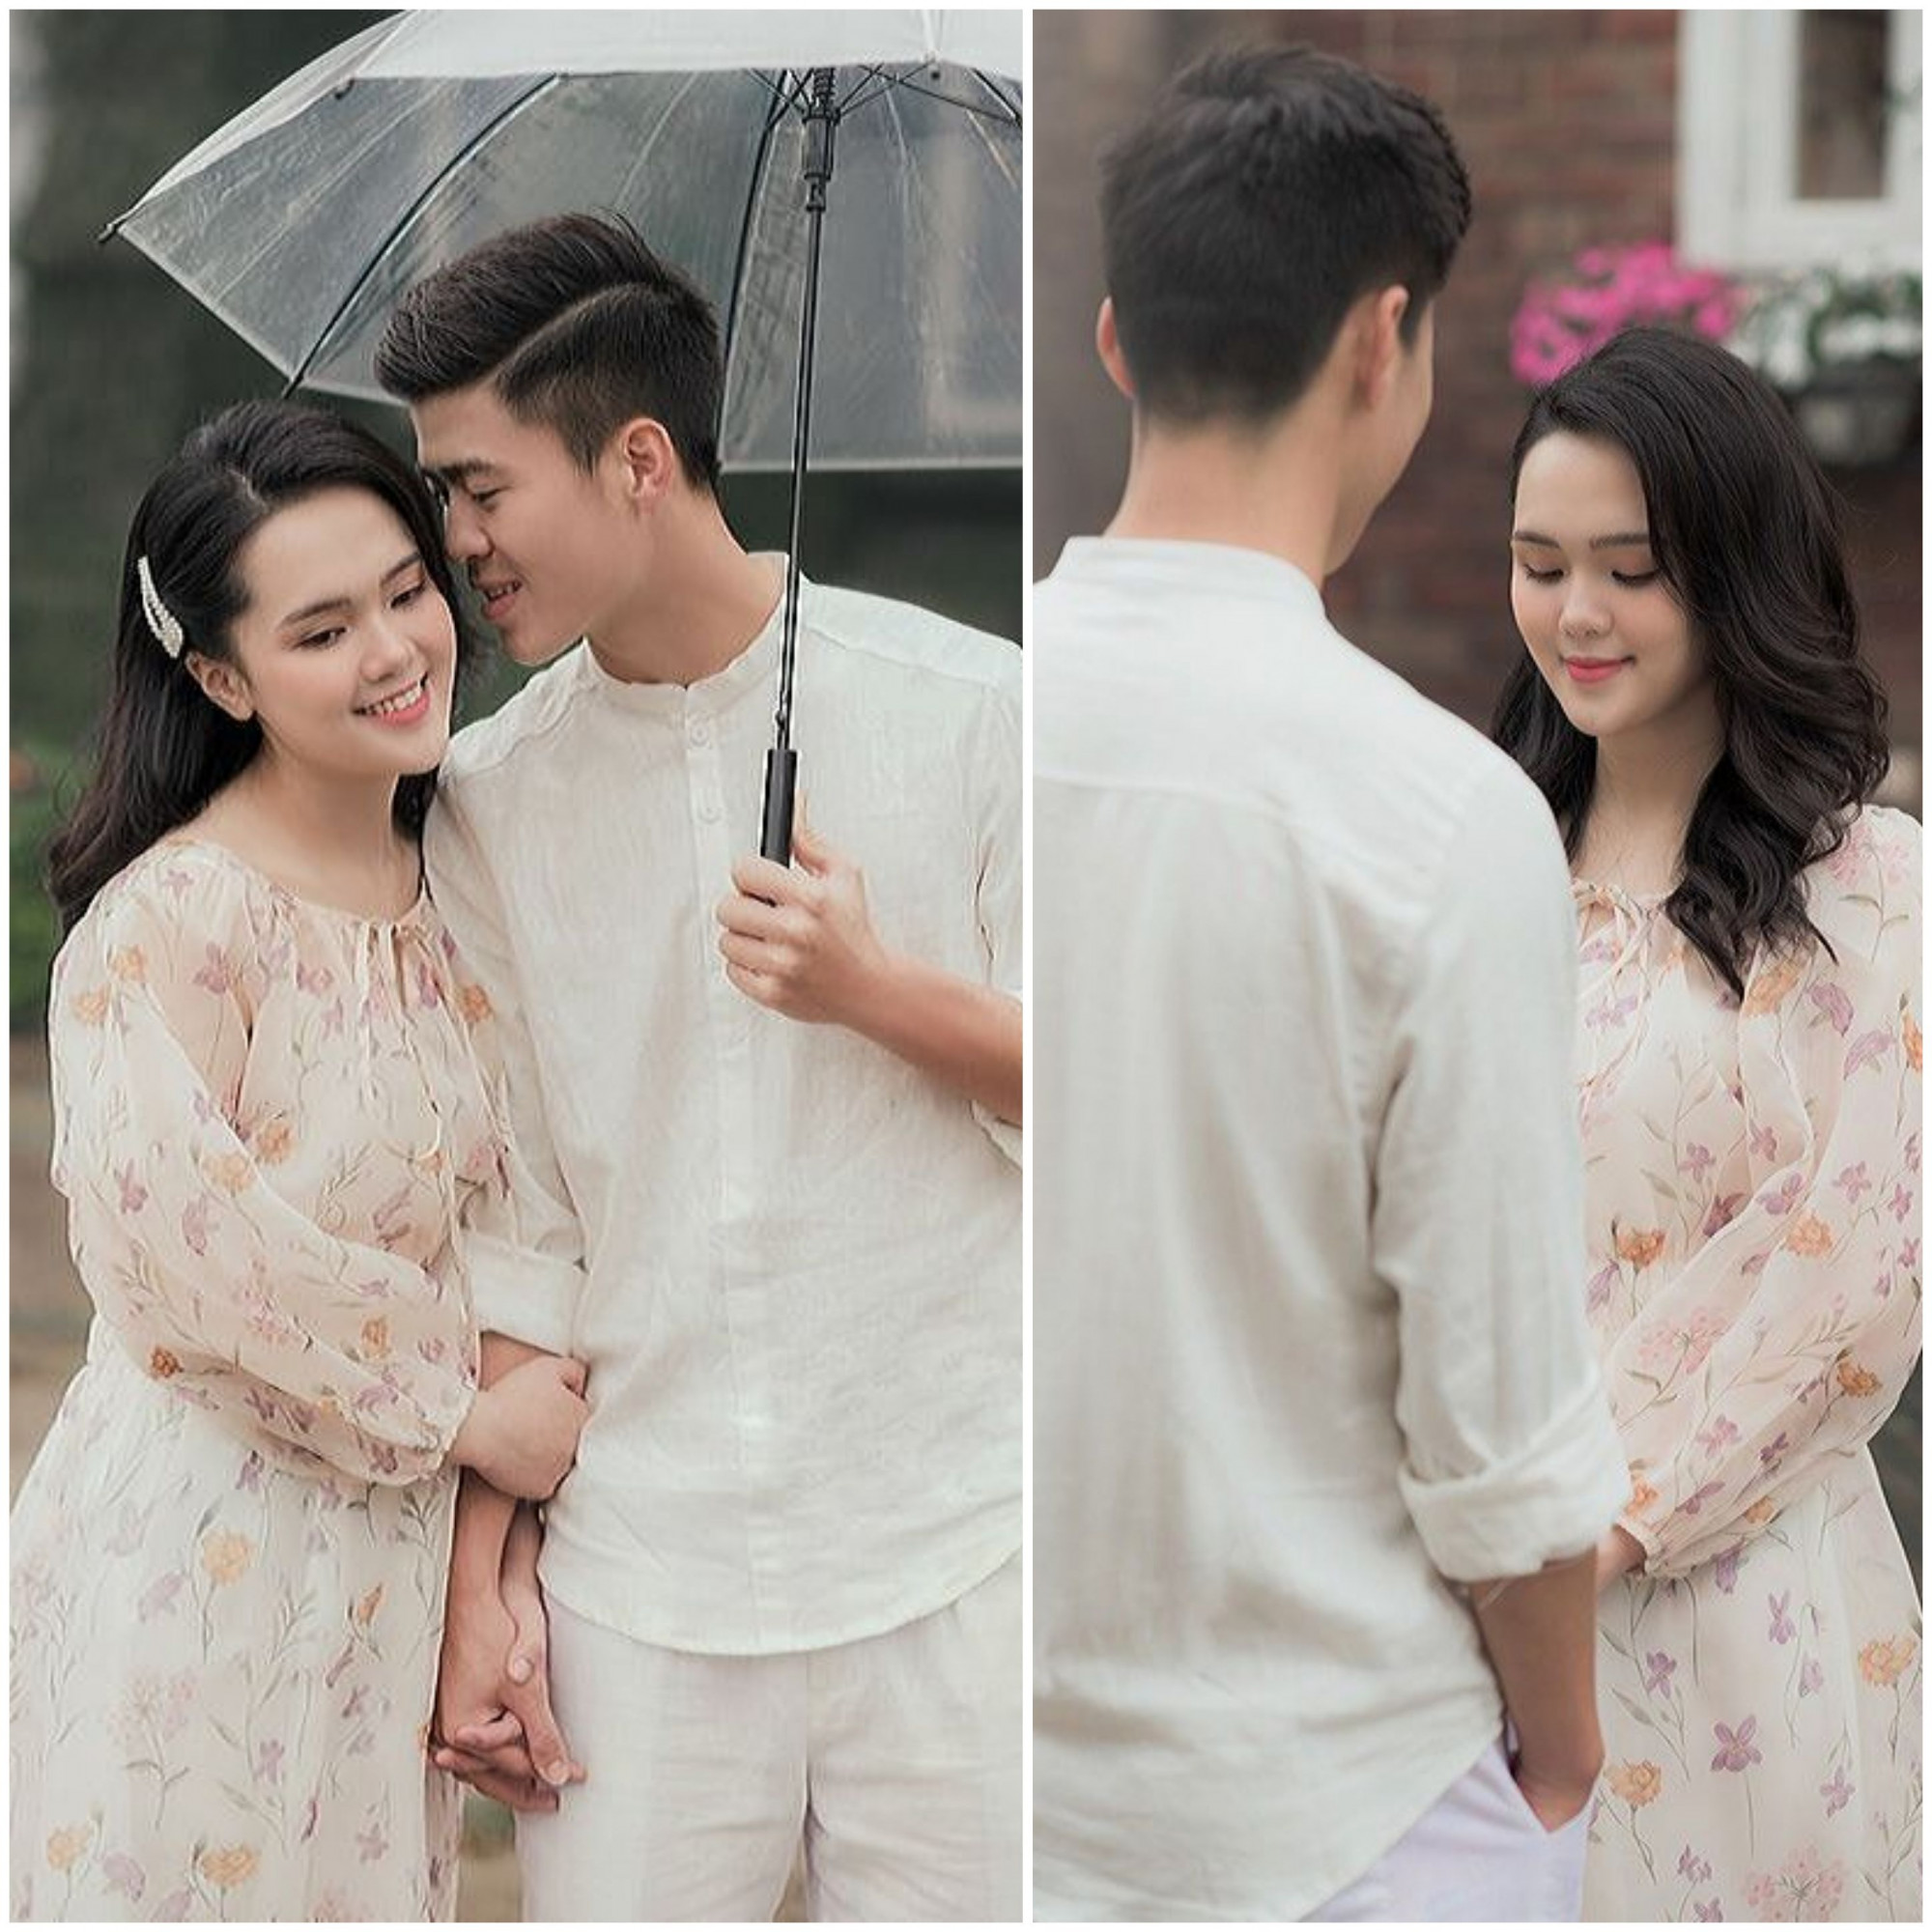 Ảnh cưới lãng mạn của Duy Mạnh và Quỳnh Anh thực hiện tại Hàn Quốc.